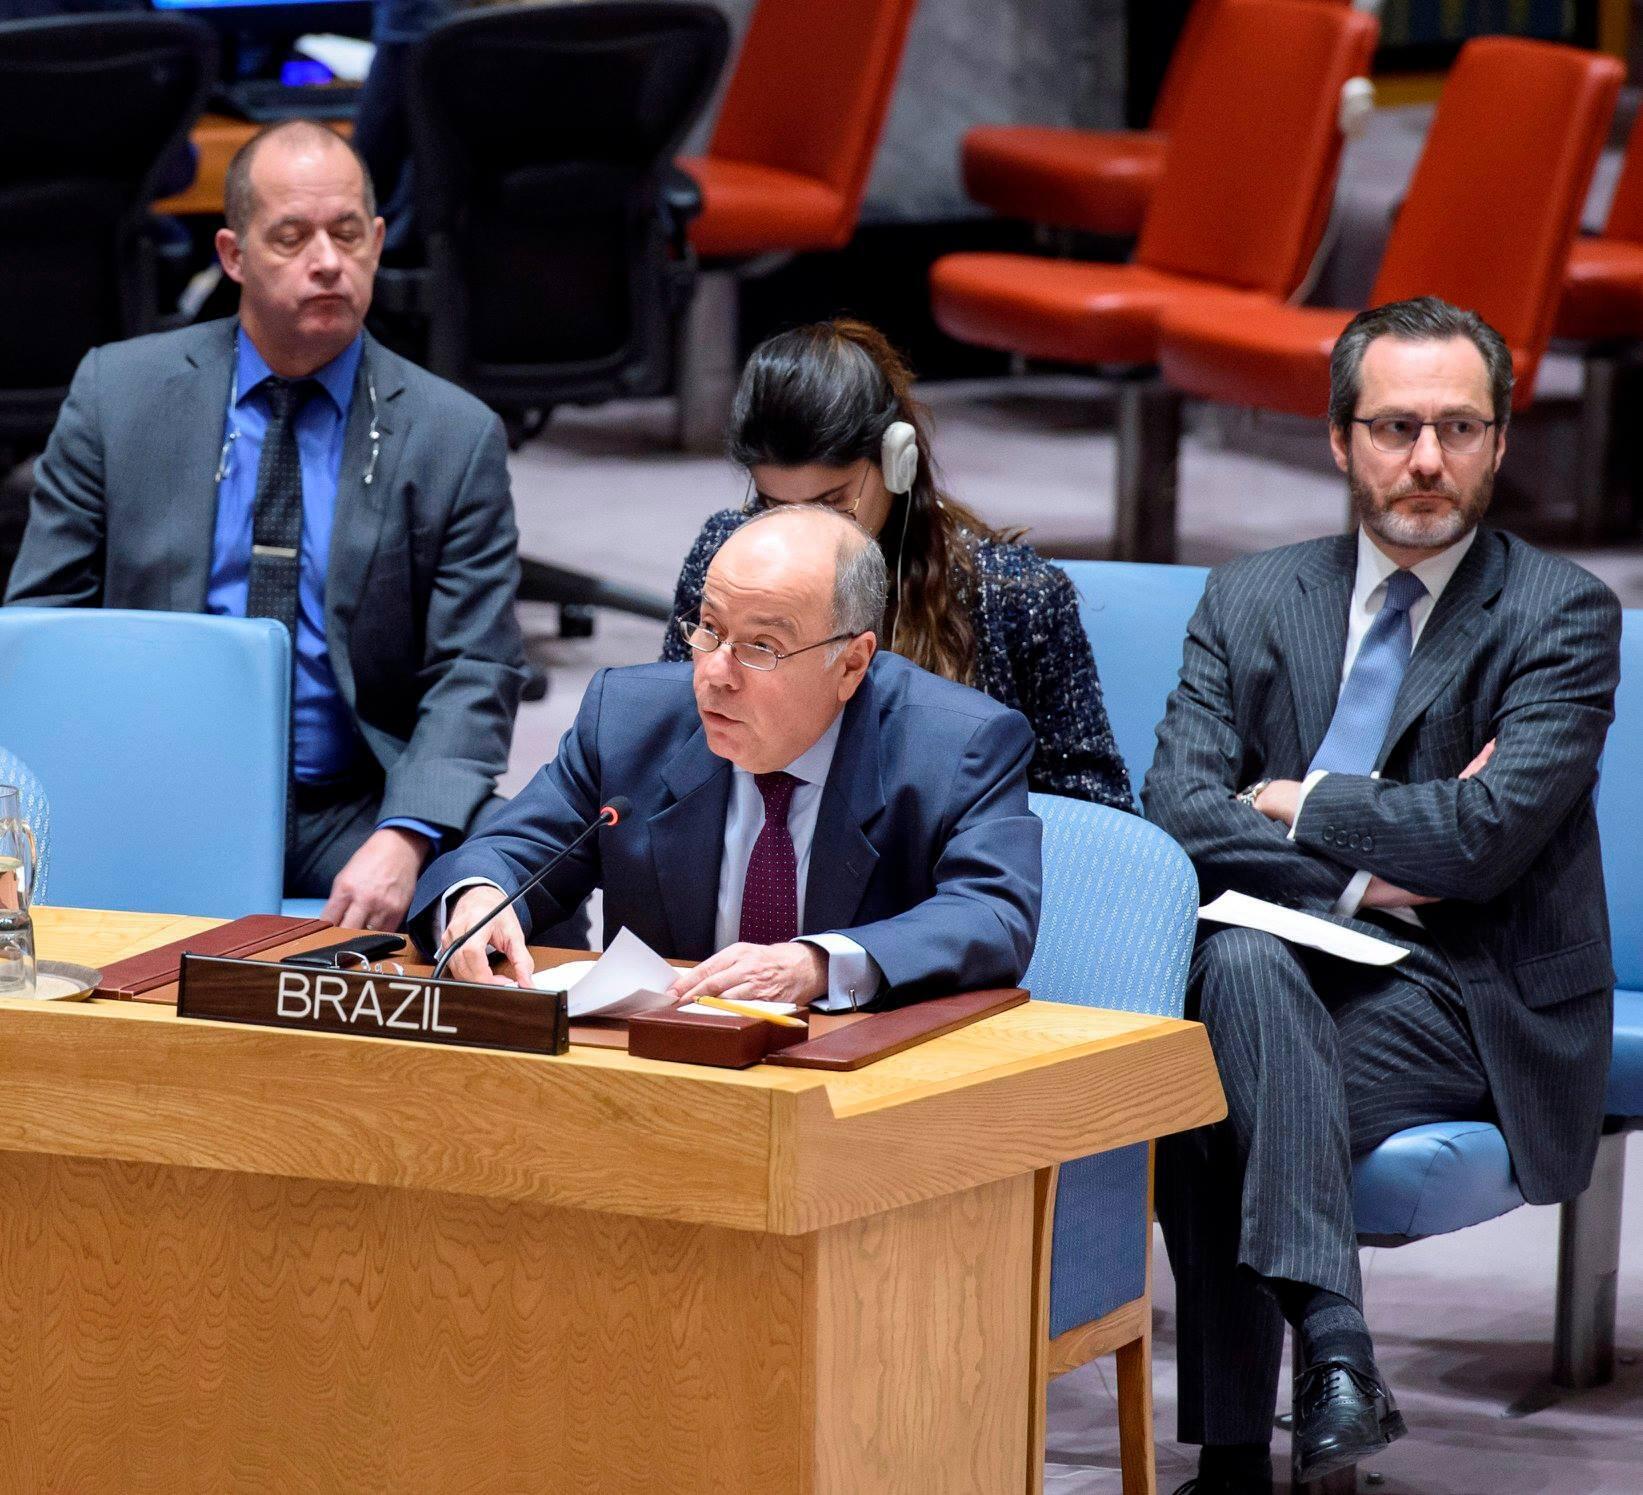 Mauro Vieira, presidente da comissão das Nações Unidas para a consolidação da paz na Guiné-Bissau.